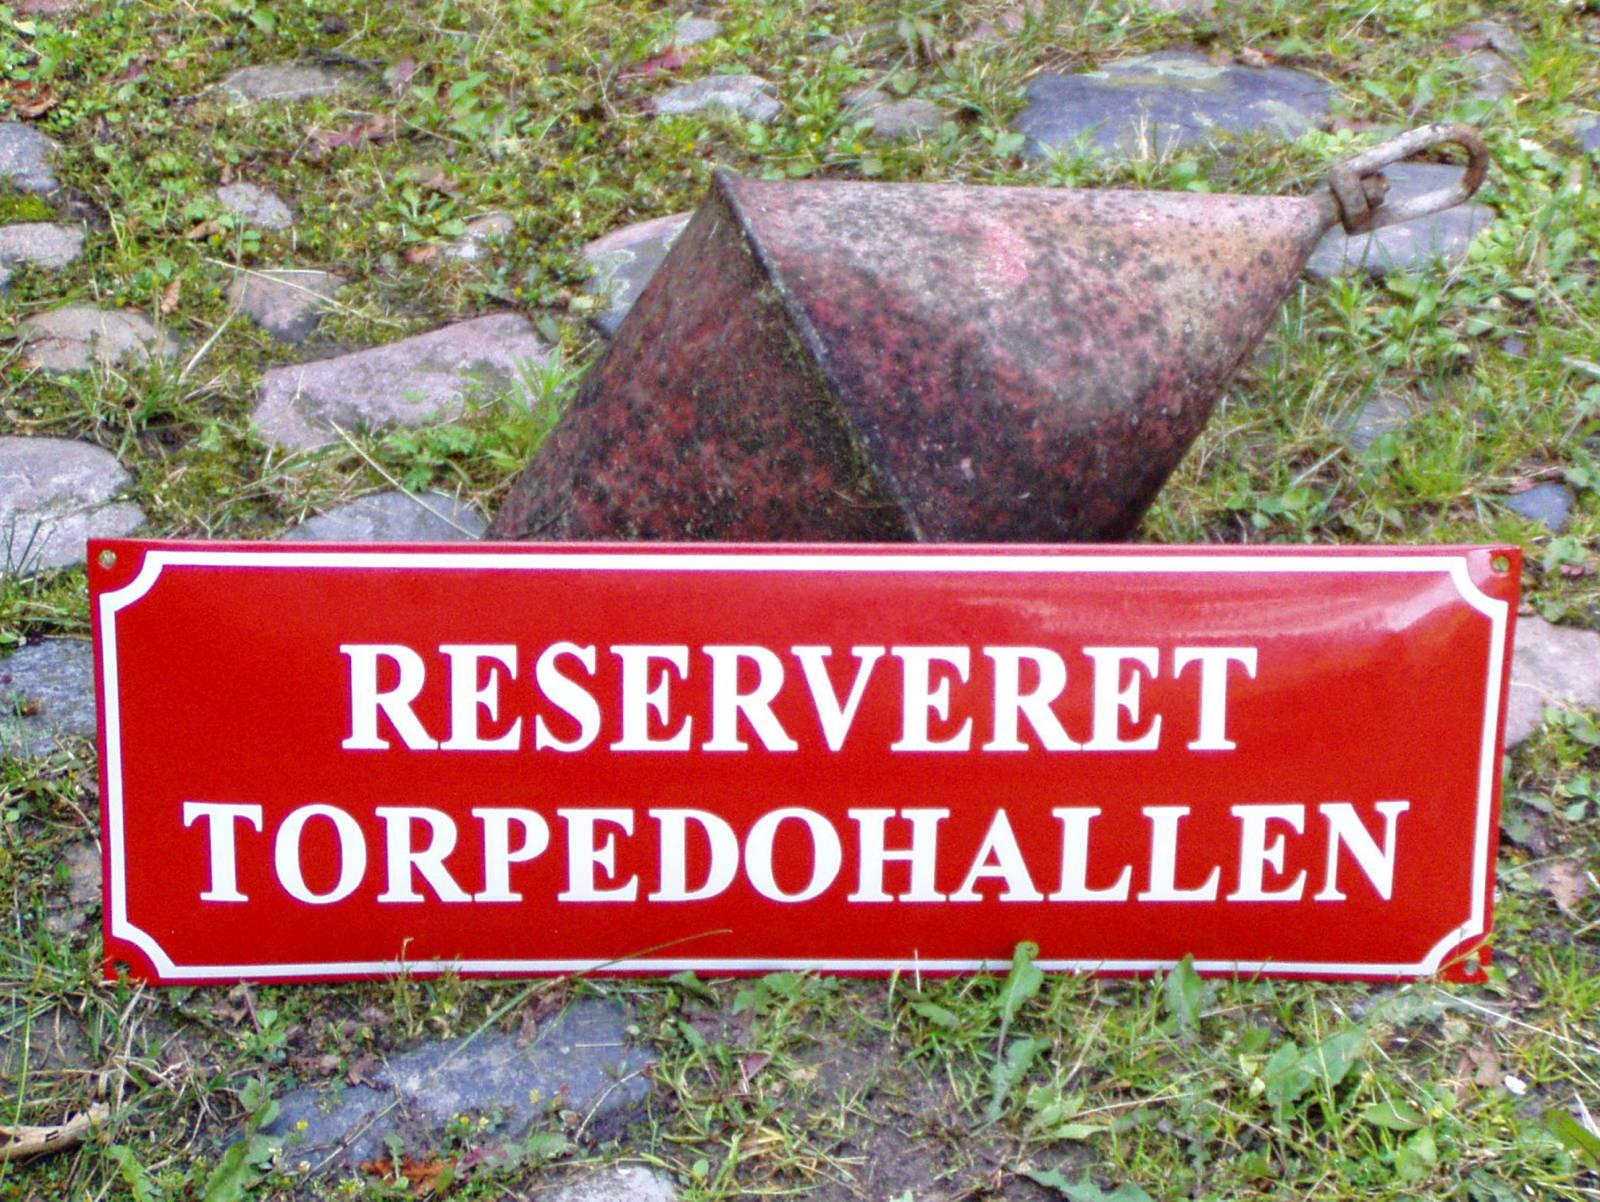 Torpedohallen